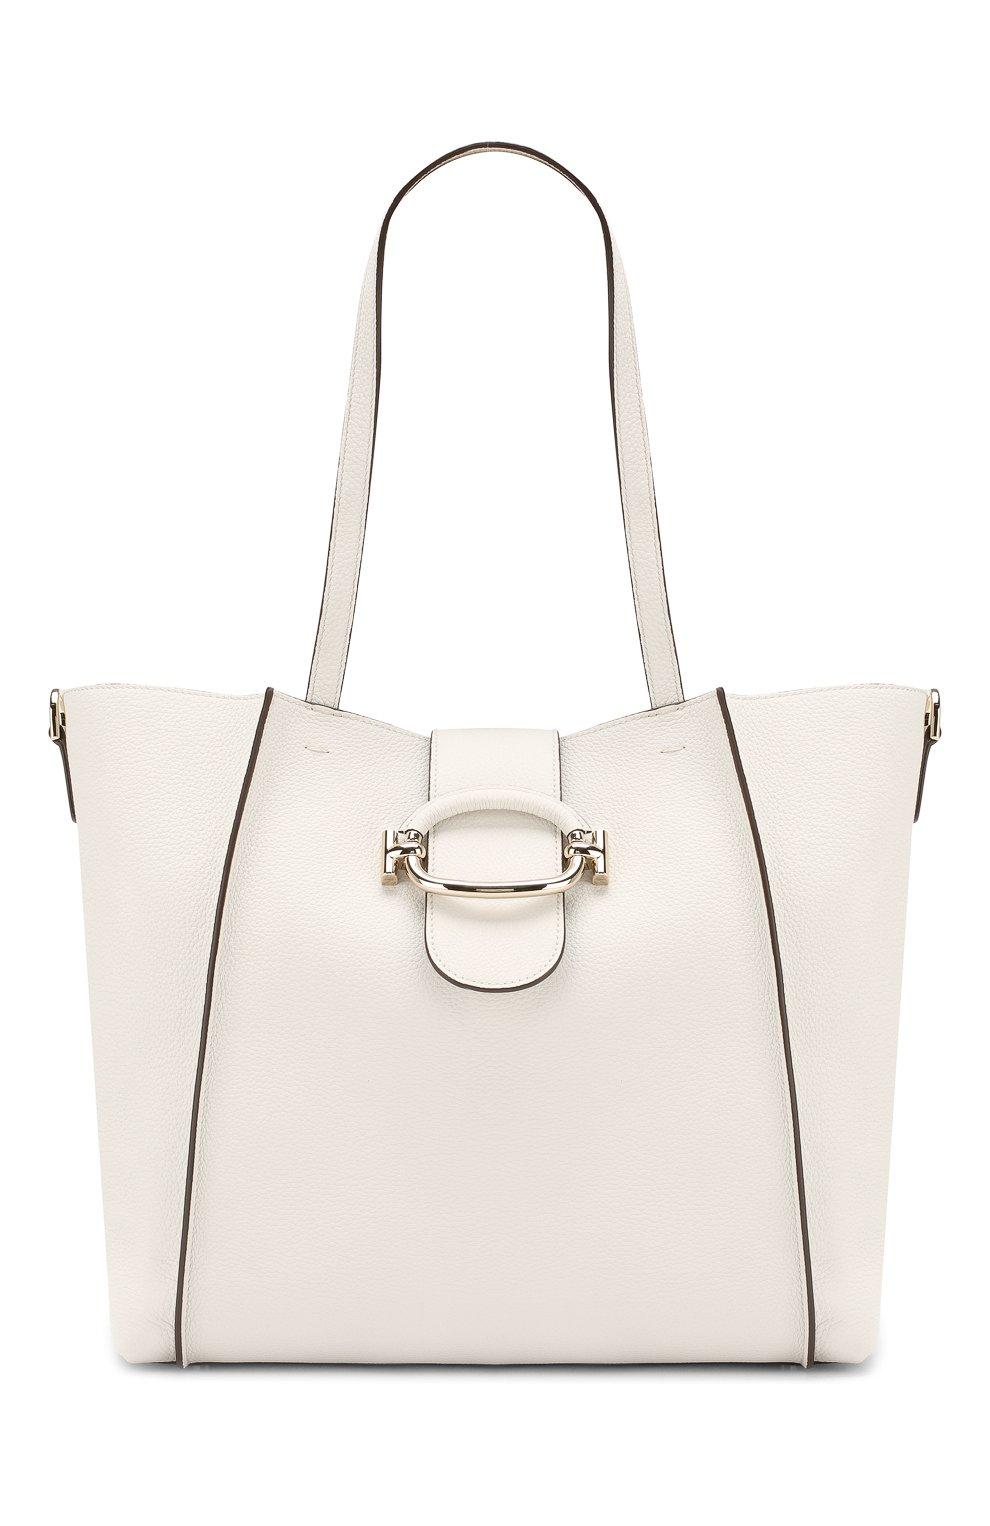 f11c792500a9 Женская сумка double t TOD'S белая цвета — купить за 105000 руб. в ...